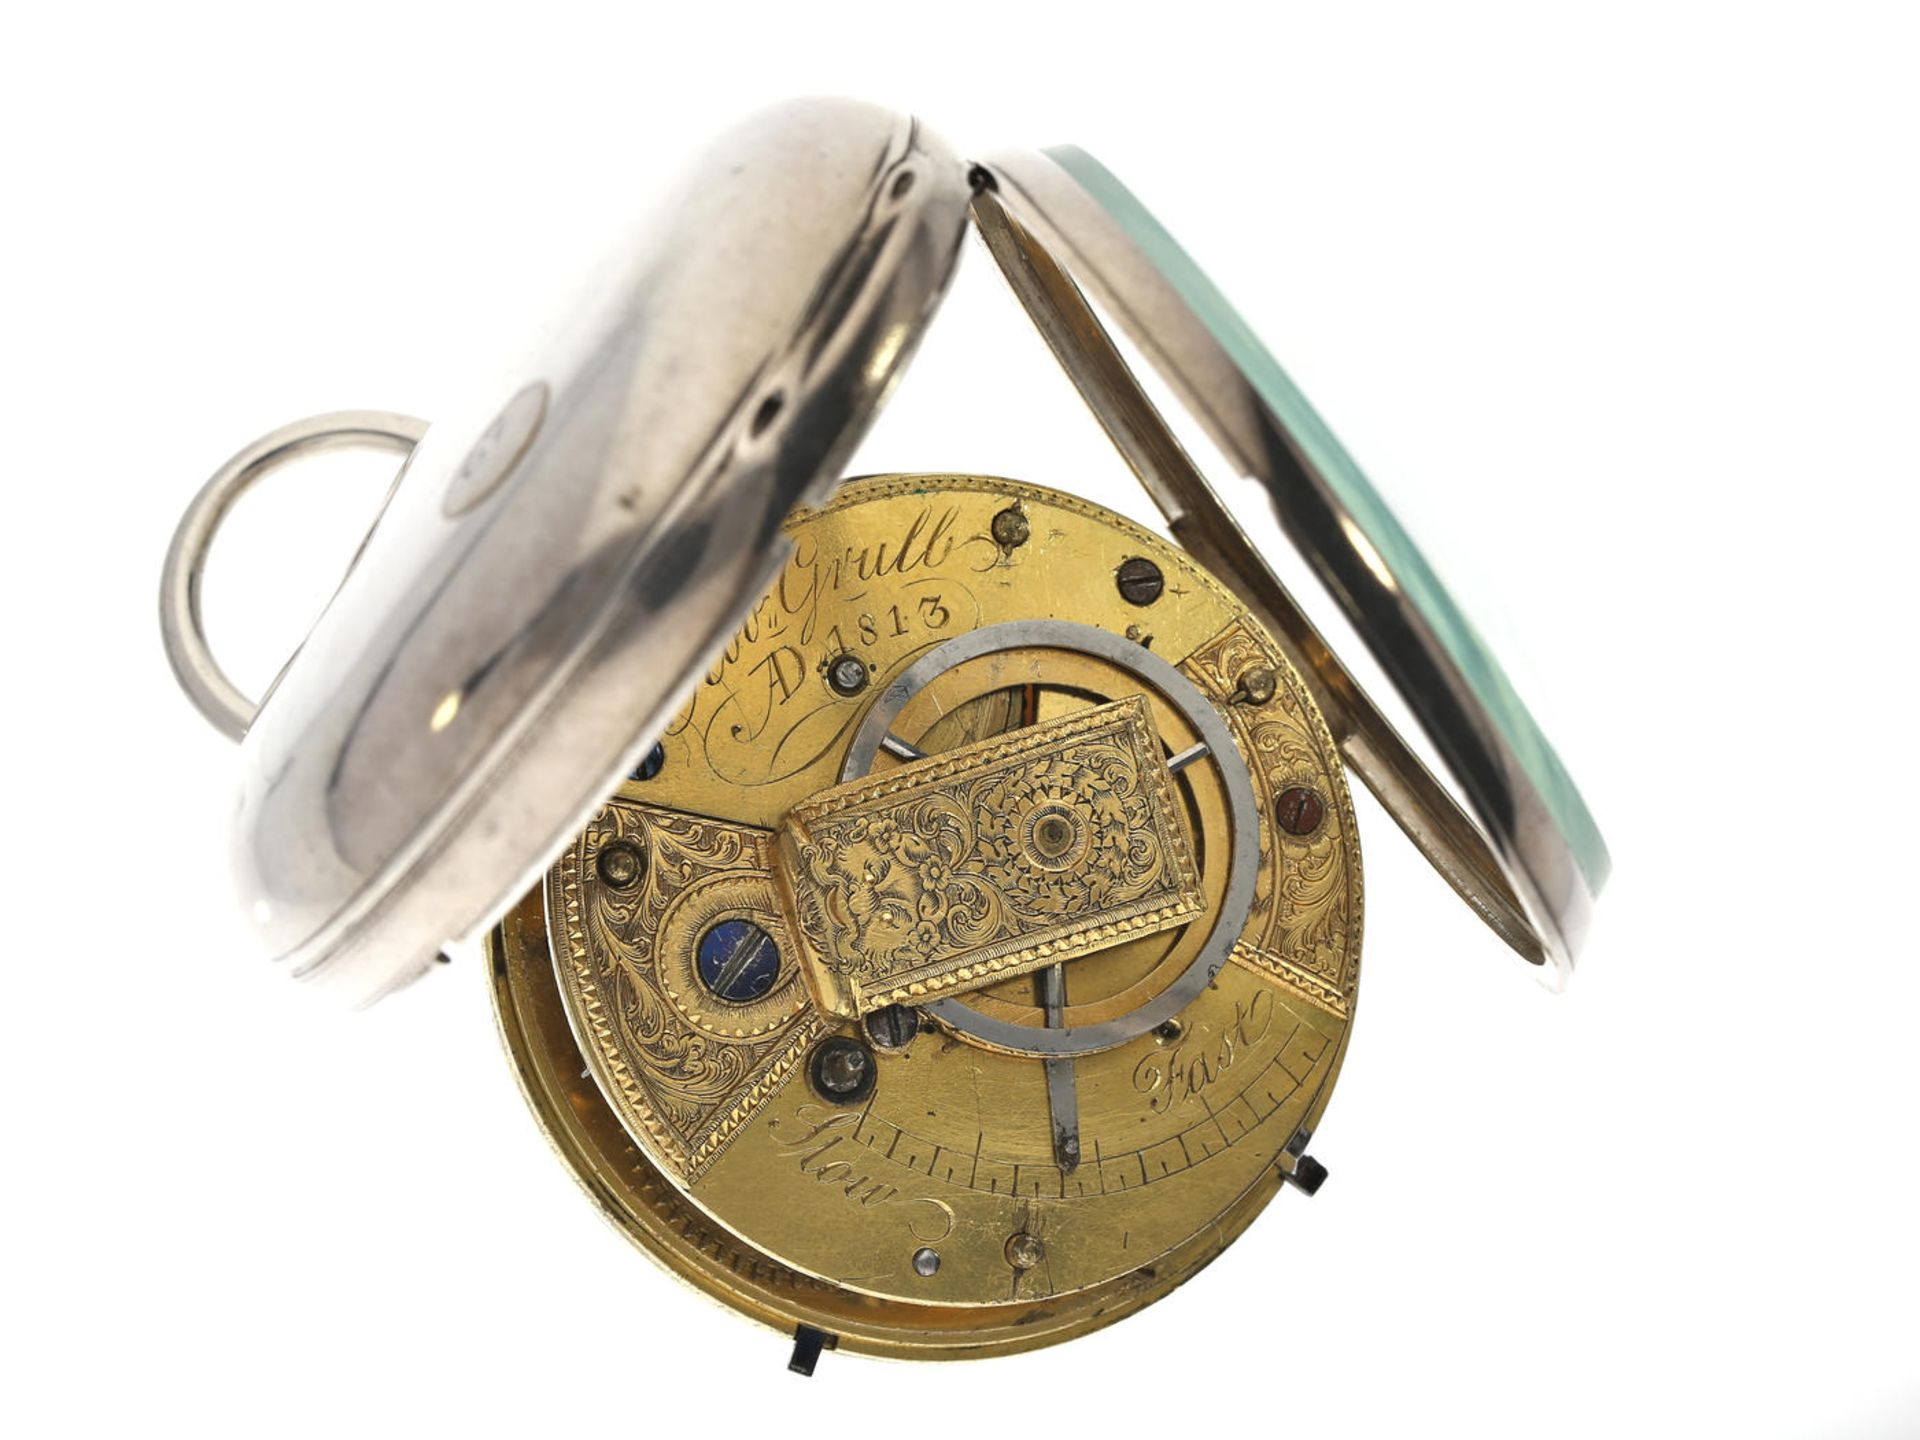 Taschenuhr: interessante Spindeluhr mit anhaltbarer Sekunde, signiert Robert Grulb AD 1813 Ca. - Bild 3 aus 3